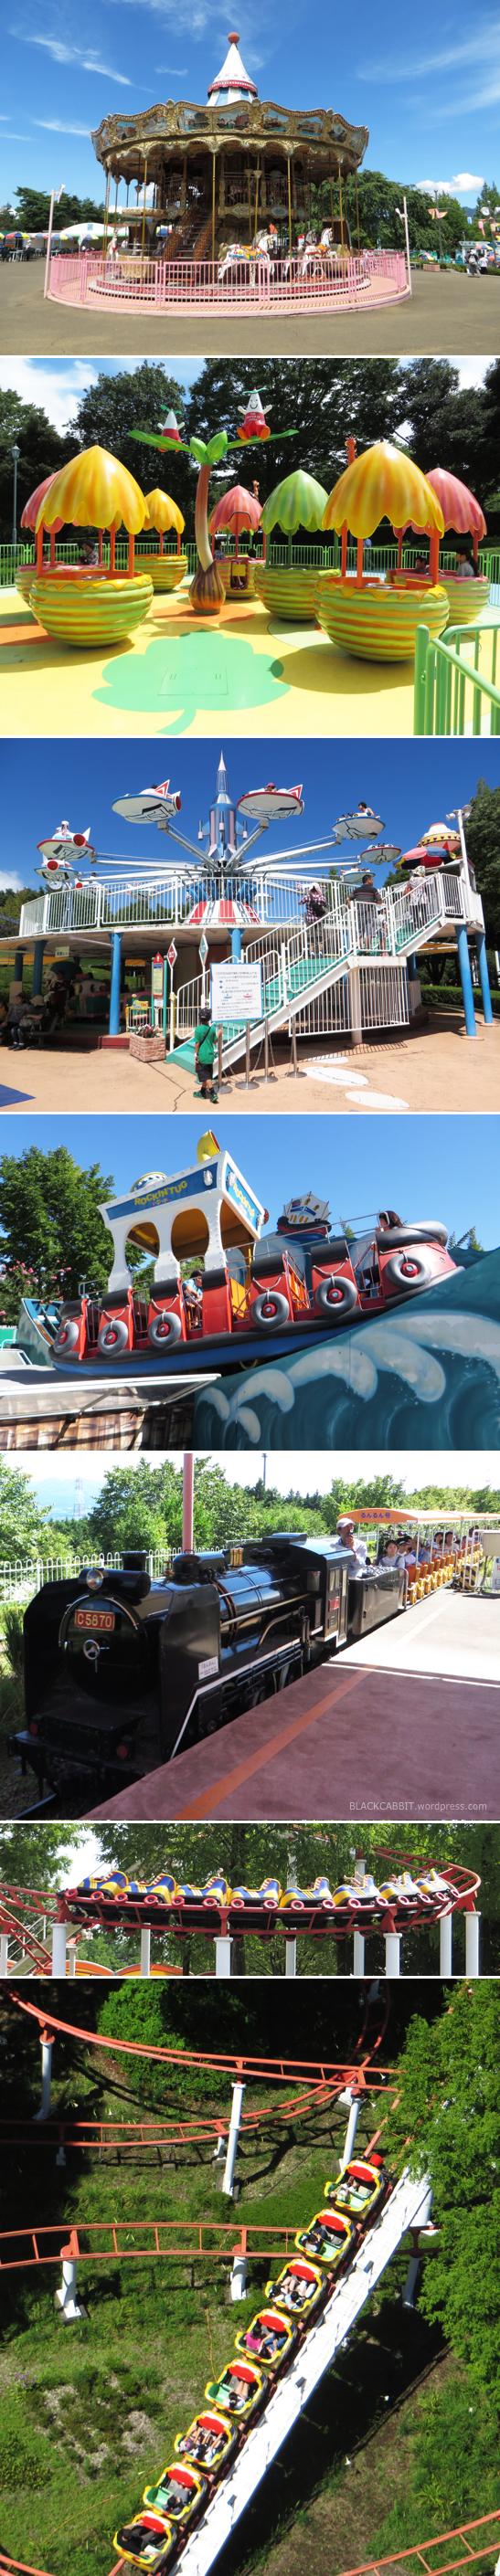 Gunma amusement park